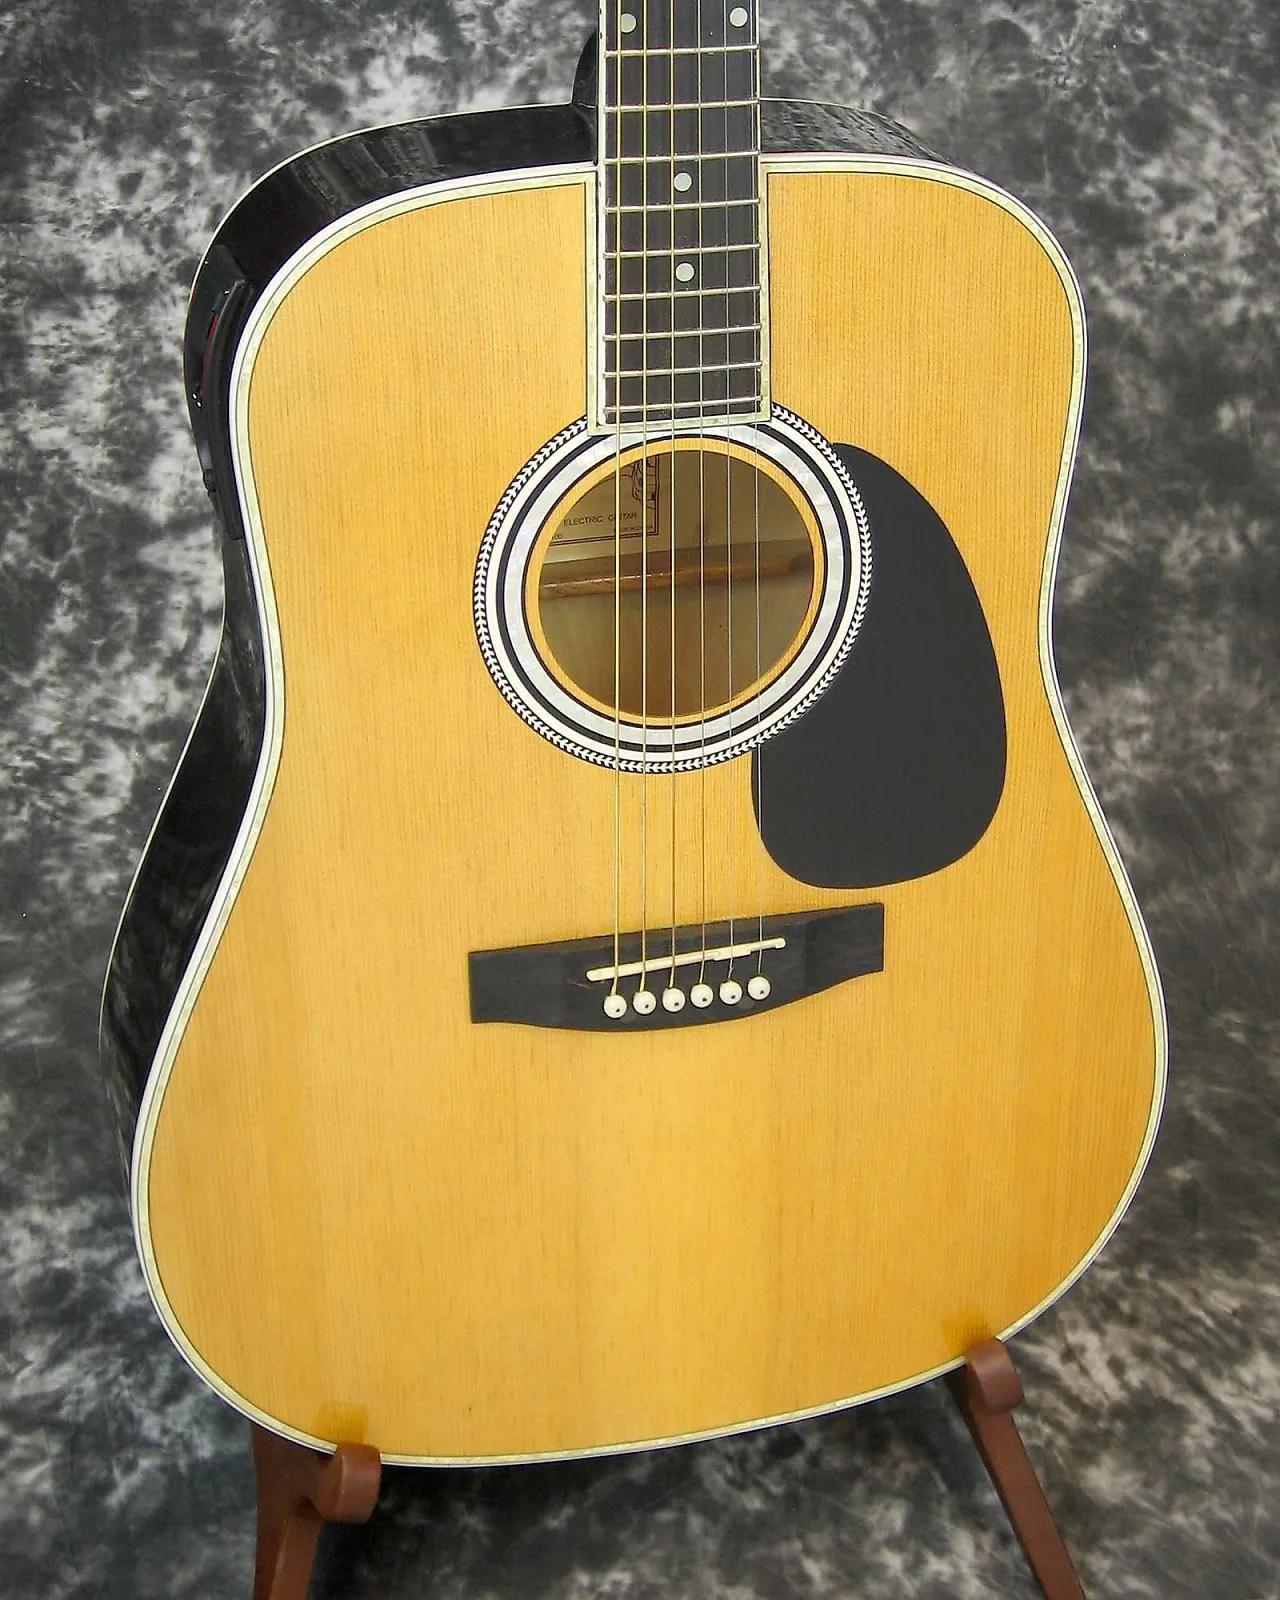 Esteban Guitar : esteban, guitar, Esteban, American, Legacy, AL-100, Acoustic-electric, Guitar